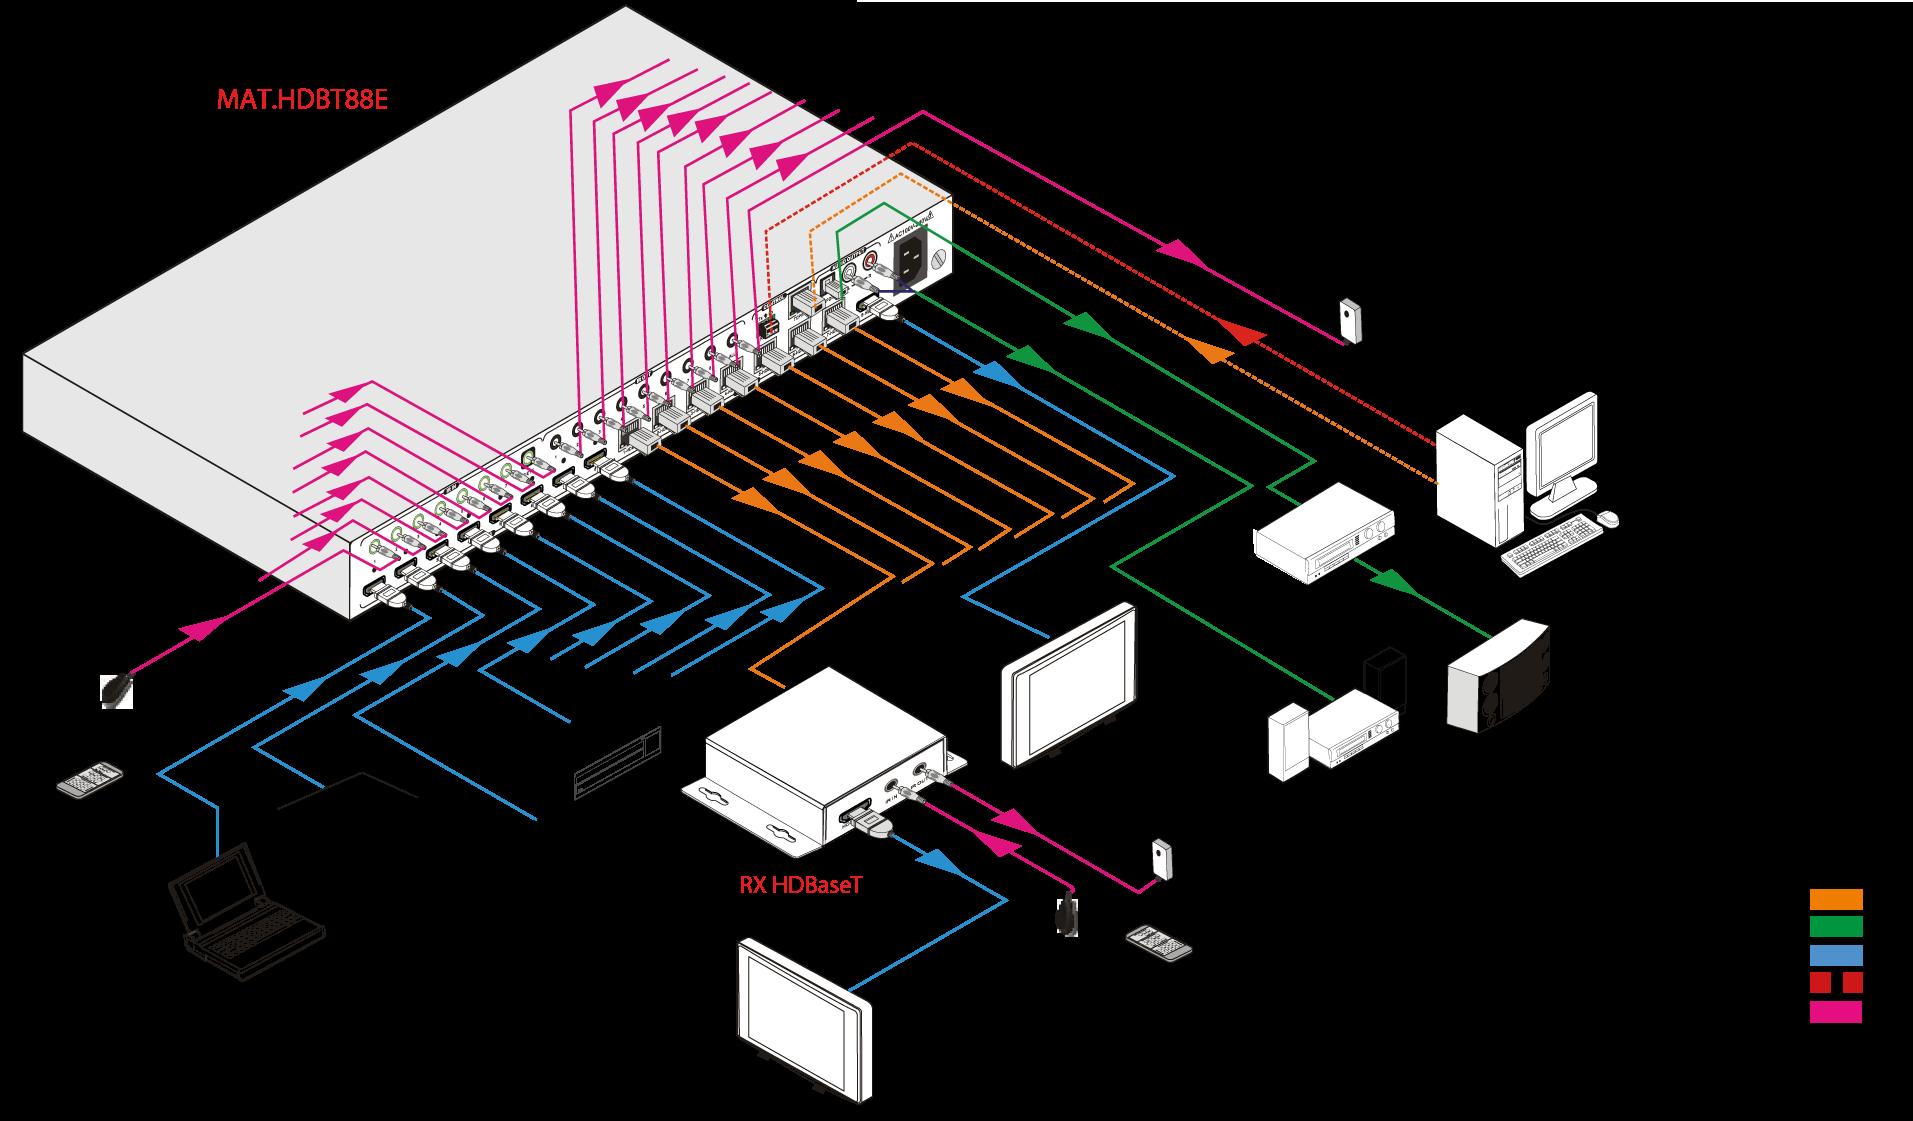 MAT.HDBT88E | Matrice hybride 88 HDBaseT